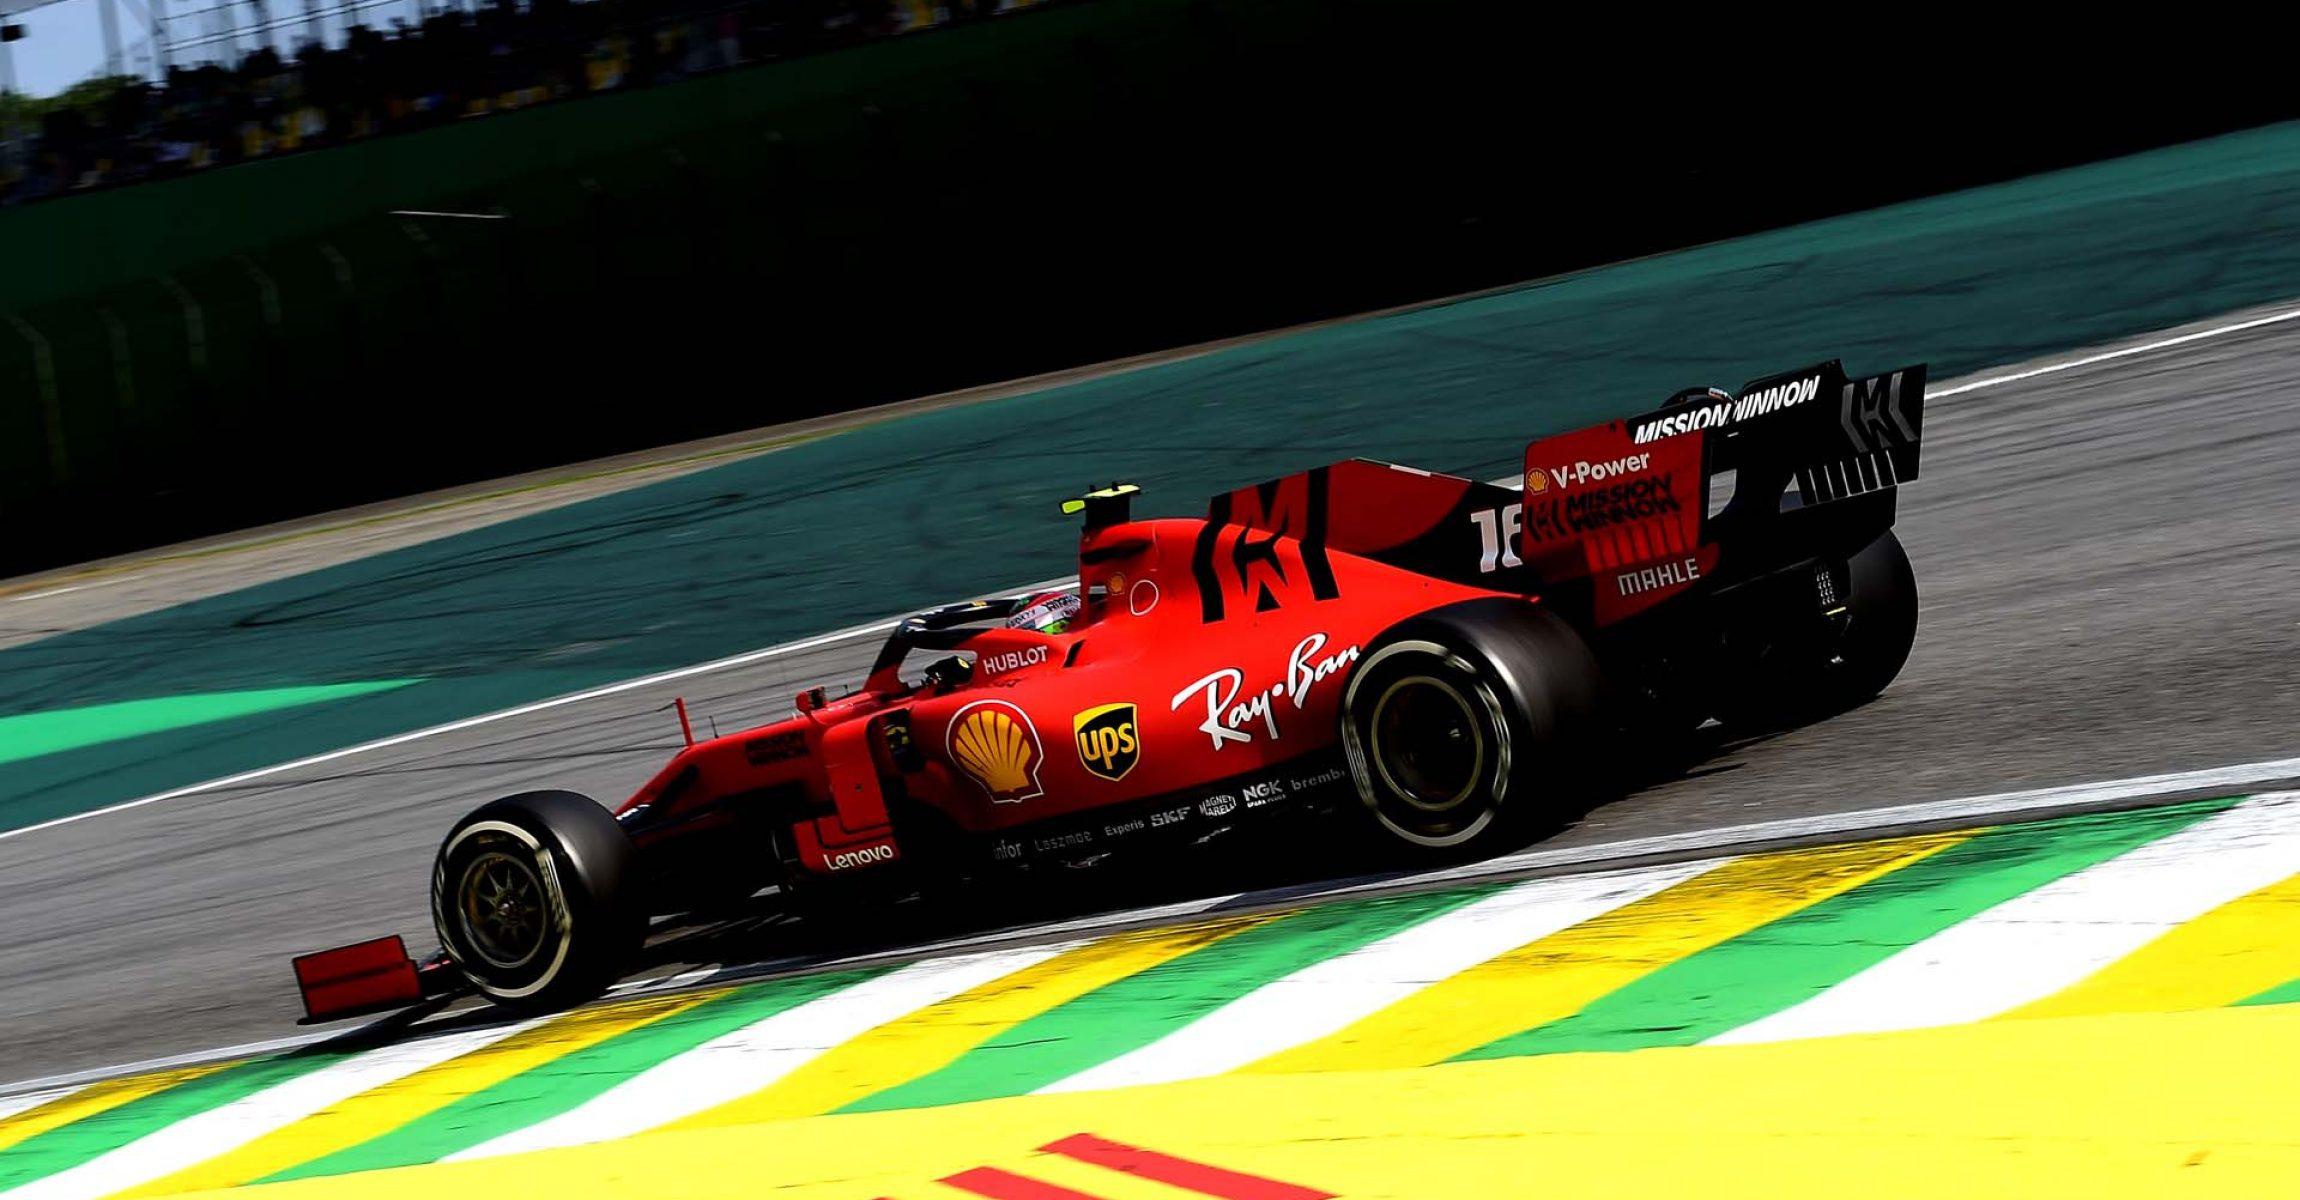 GP BRASILE F1/2019 - DOMENICA 17/11/2019 credit: @Scuderia Ferrari Press Office Charles Leclerc, Ferrari